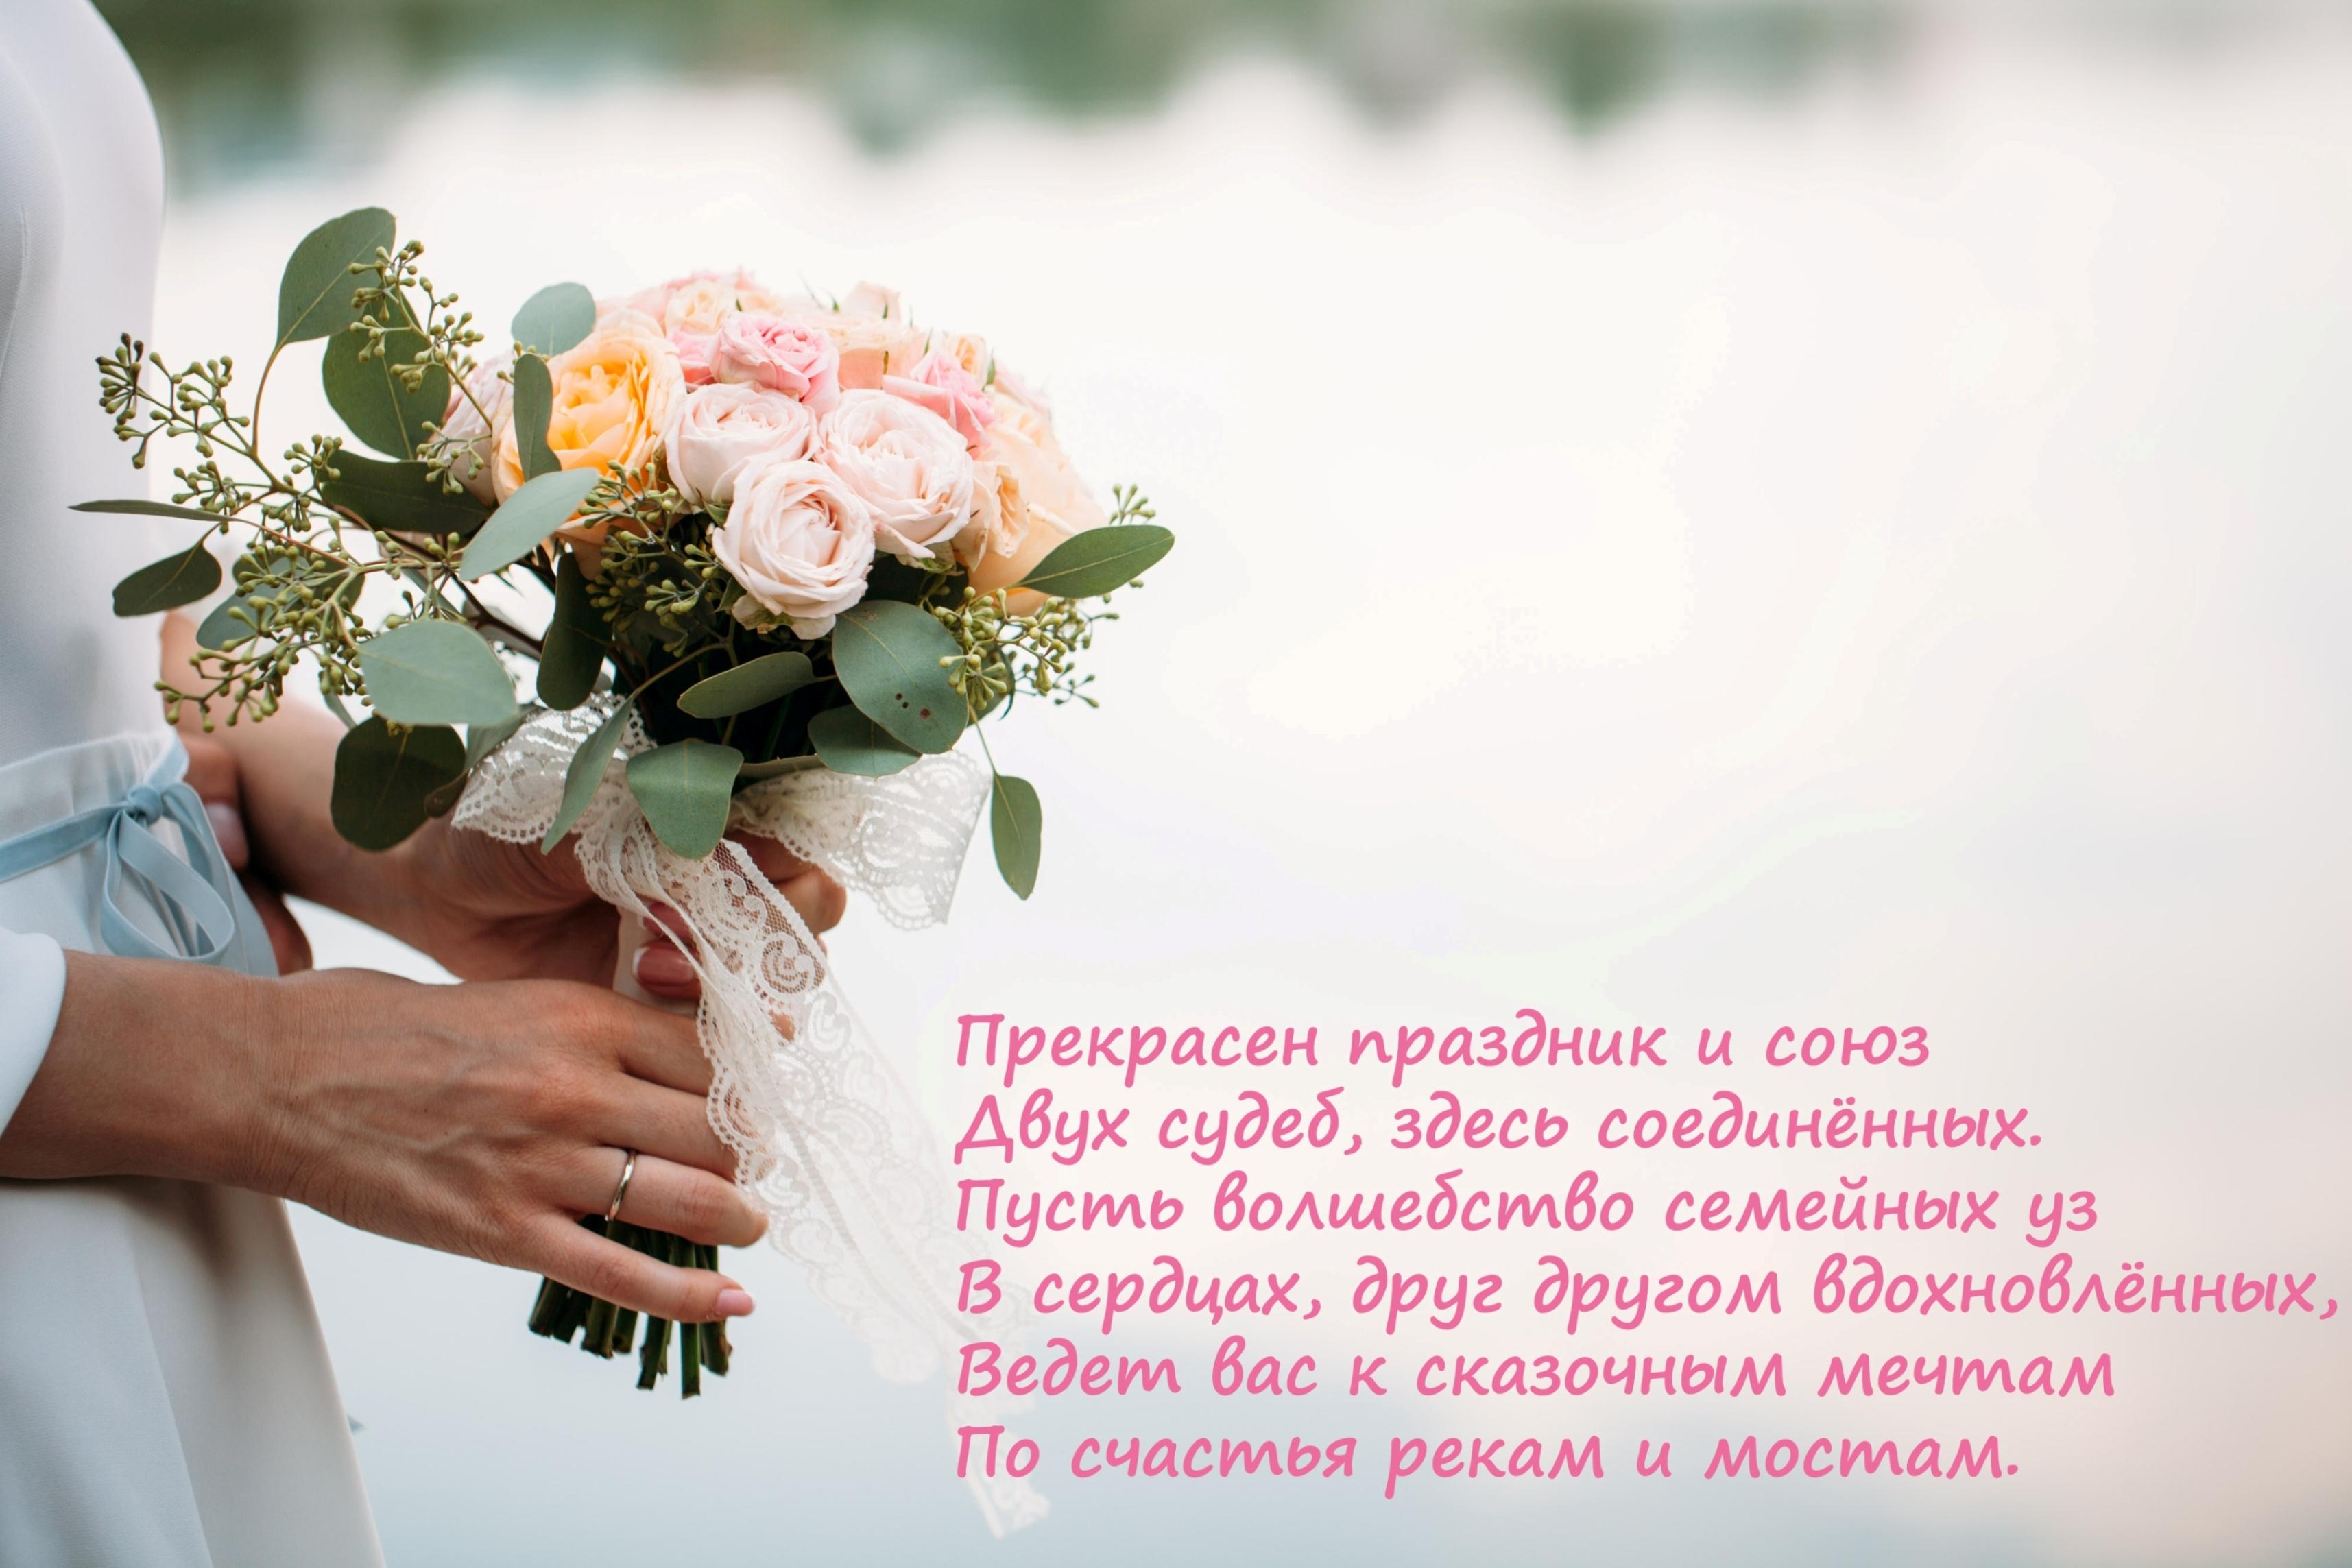 Поздравление с днём свадьбы от тети 11